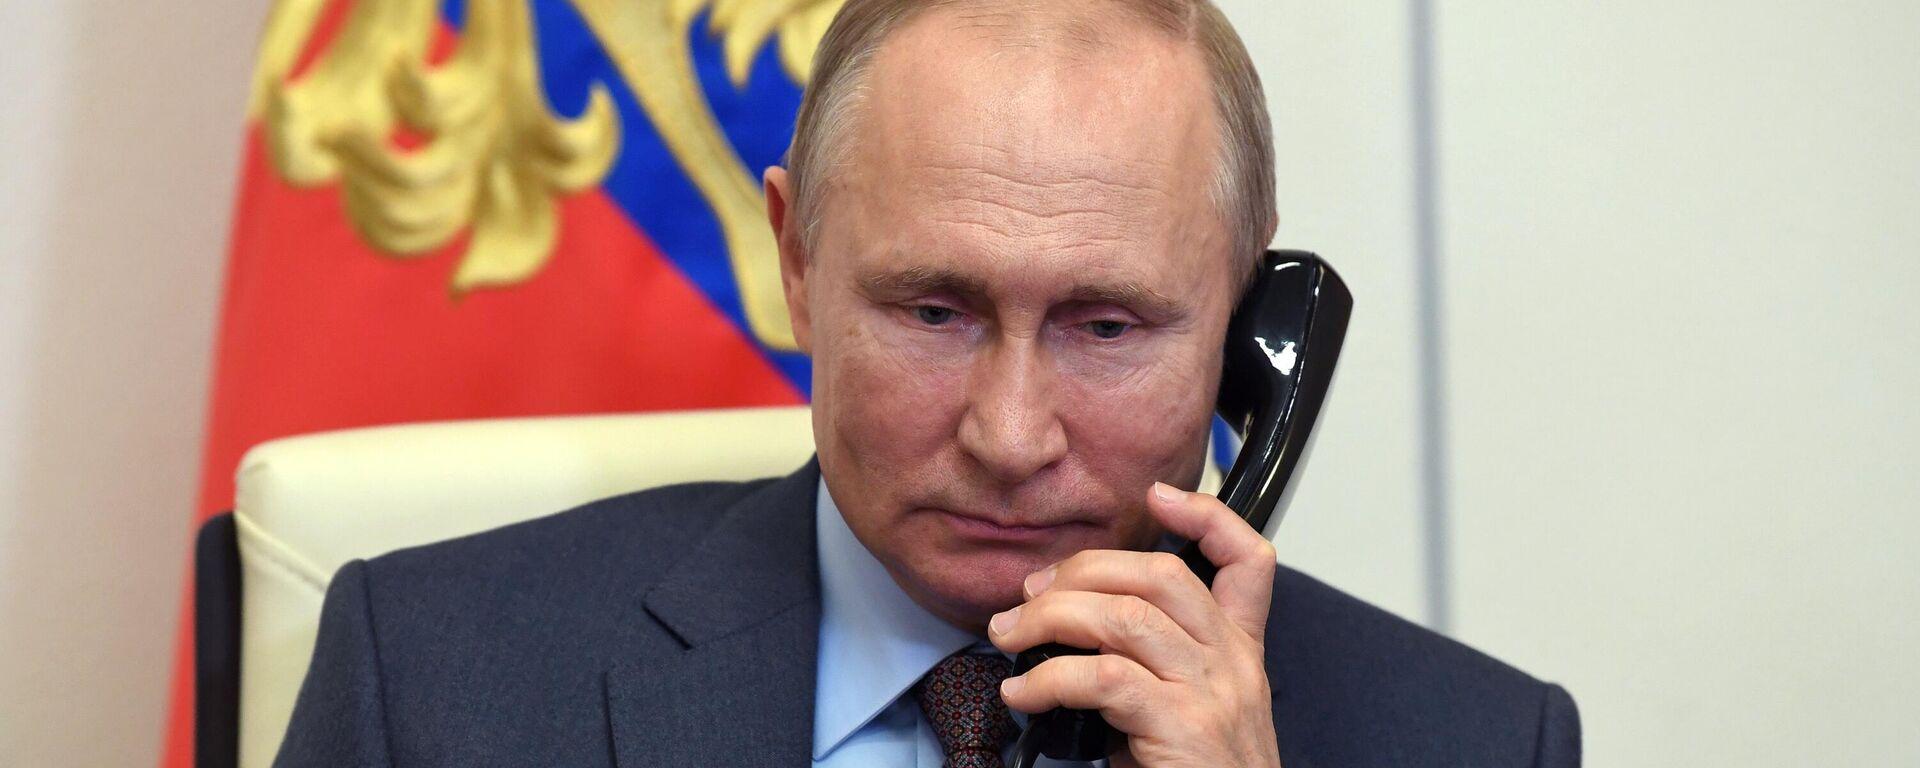 Der russische Präsident Wladimir Putin beim Telefongespräch (Archivbild) - SNA, 1920, 21.08.2021